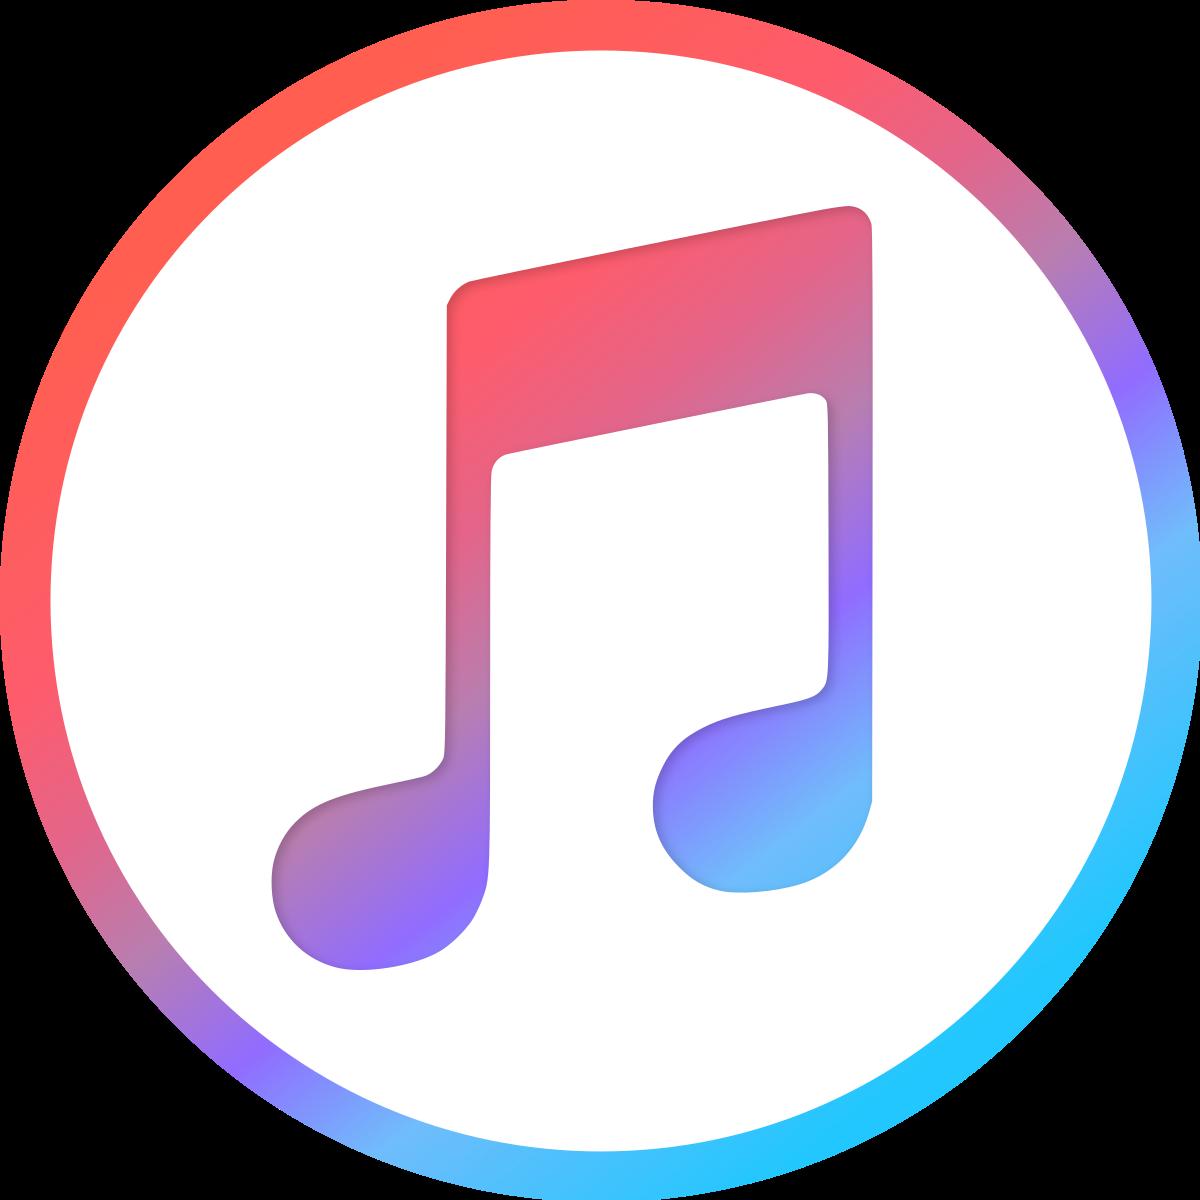 ¿Cómo respaldar tu iPhone en tu PC/Mac?